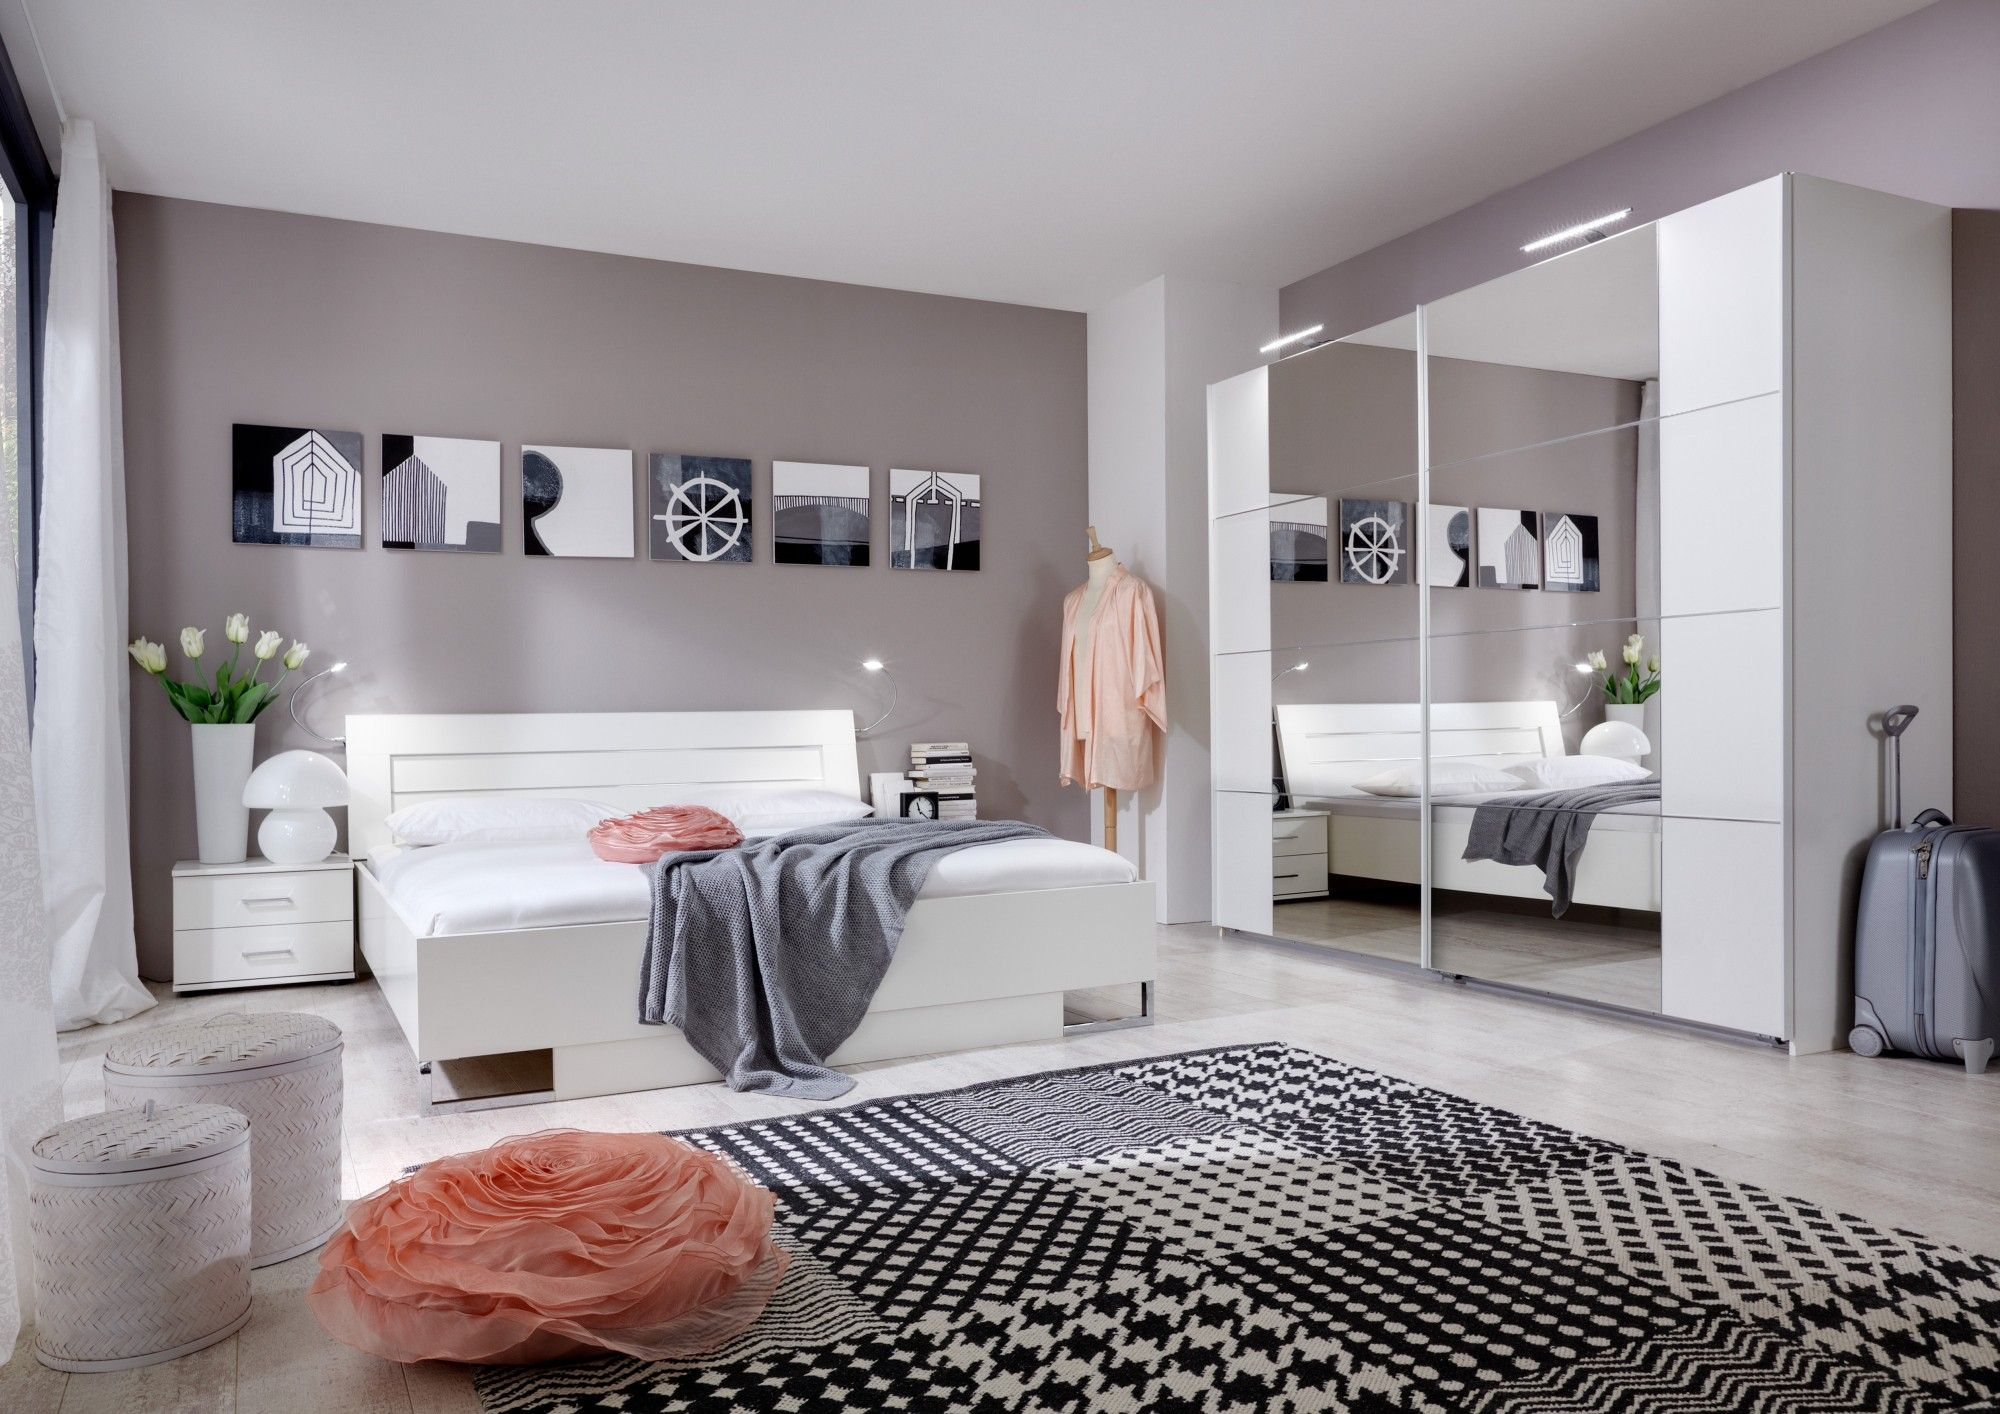 Epingle Sur Deco Chambre A Coucher